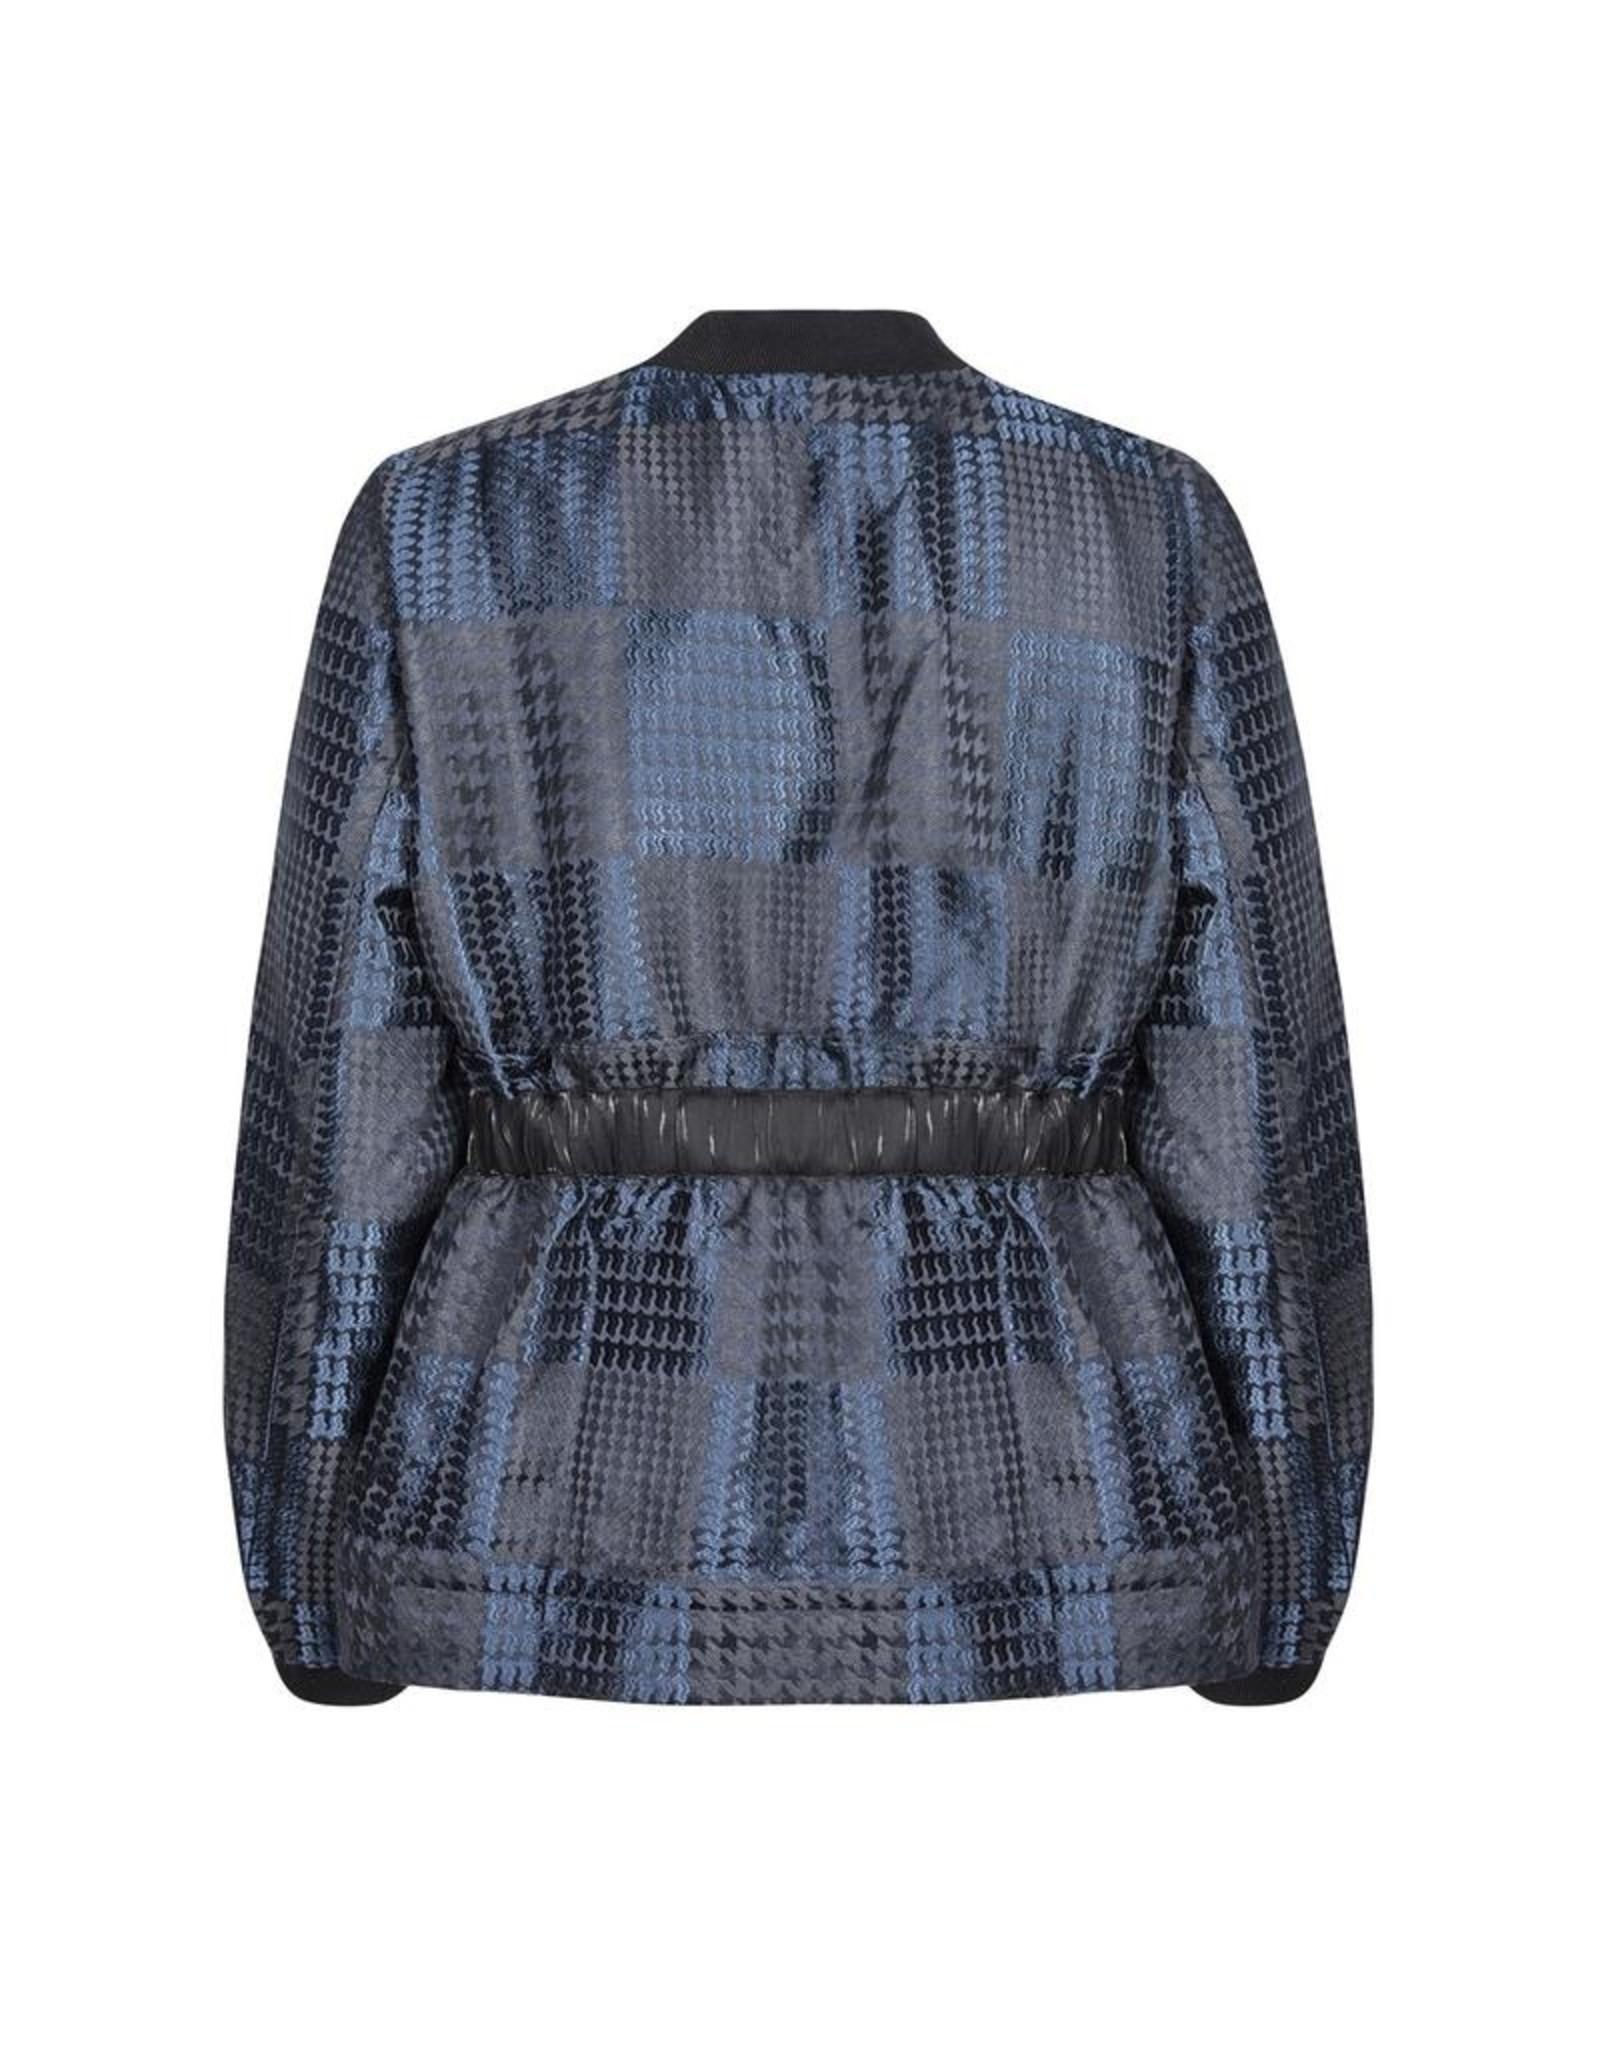 Nu Denmark Estel Patterned Jacket